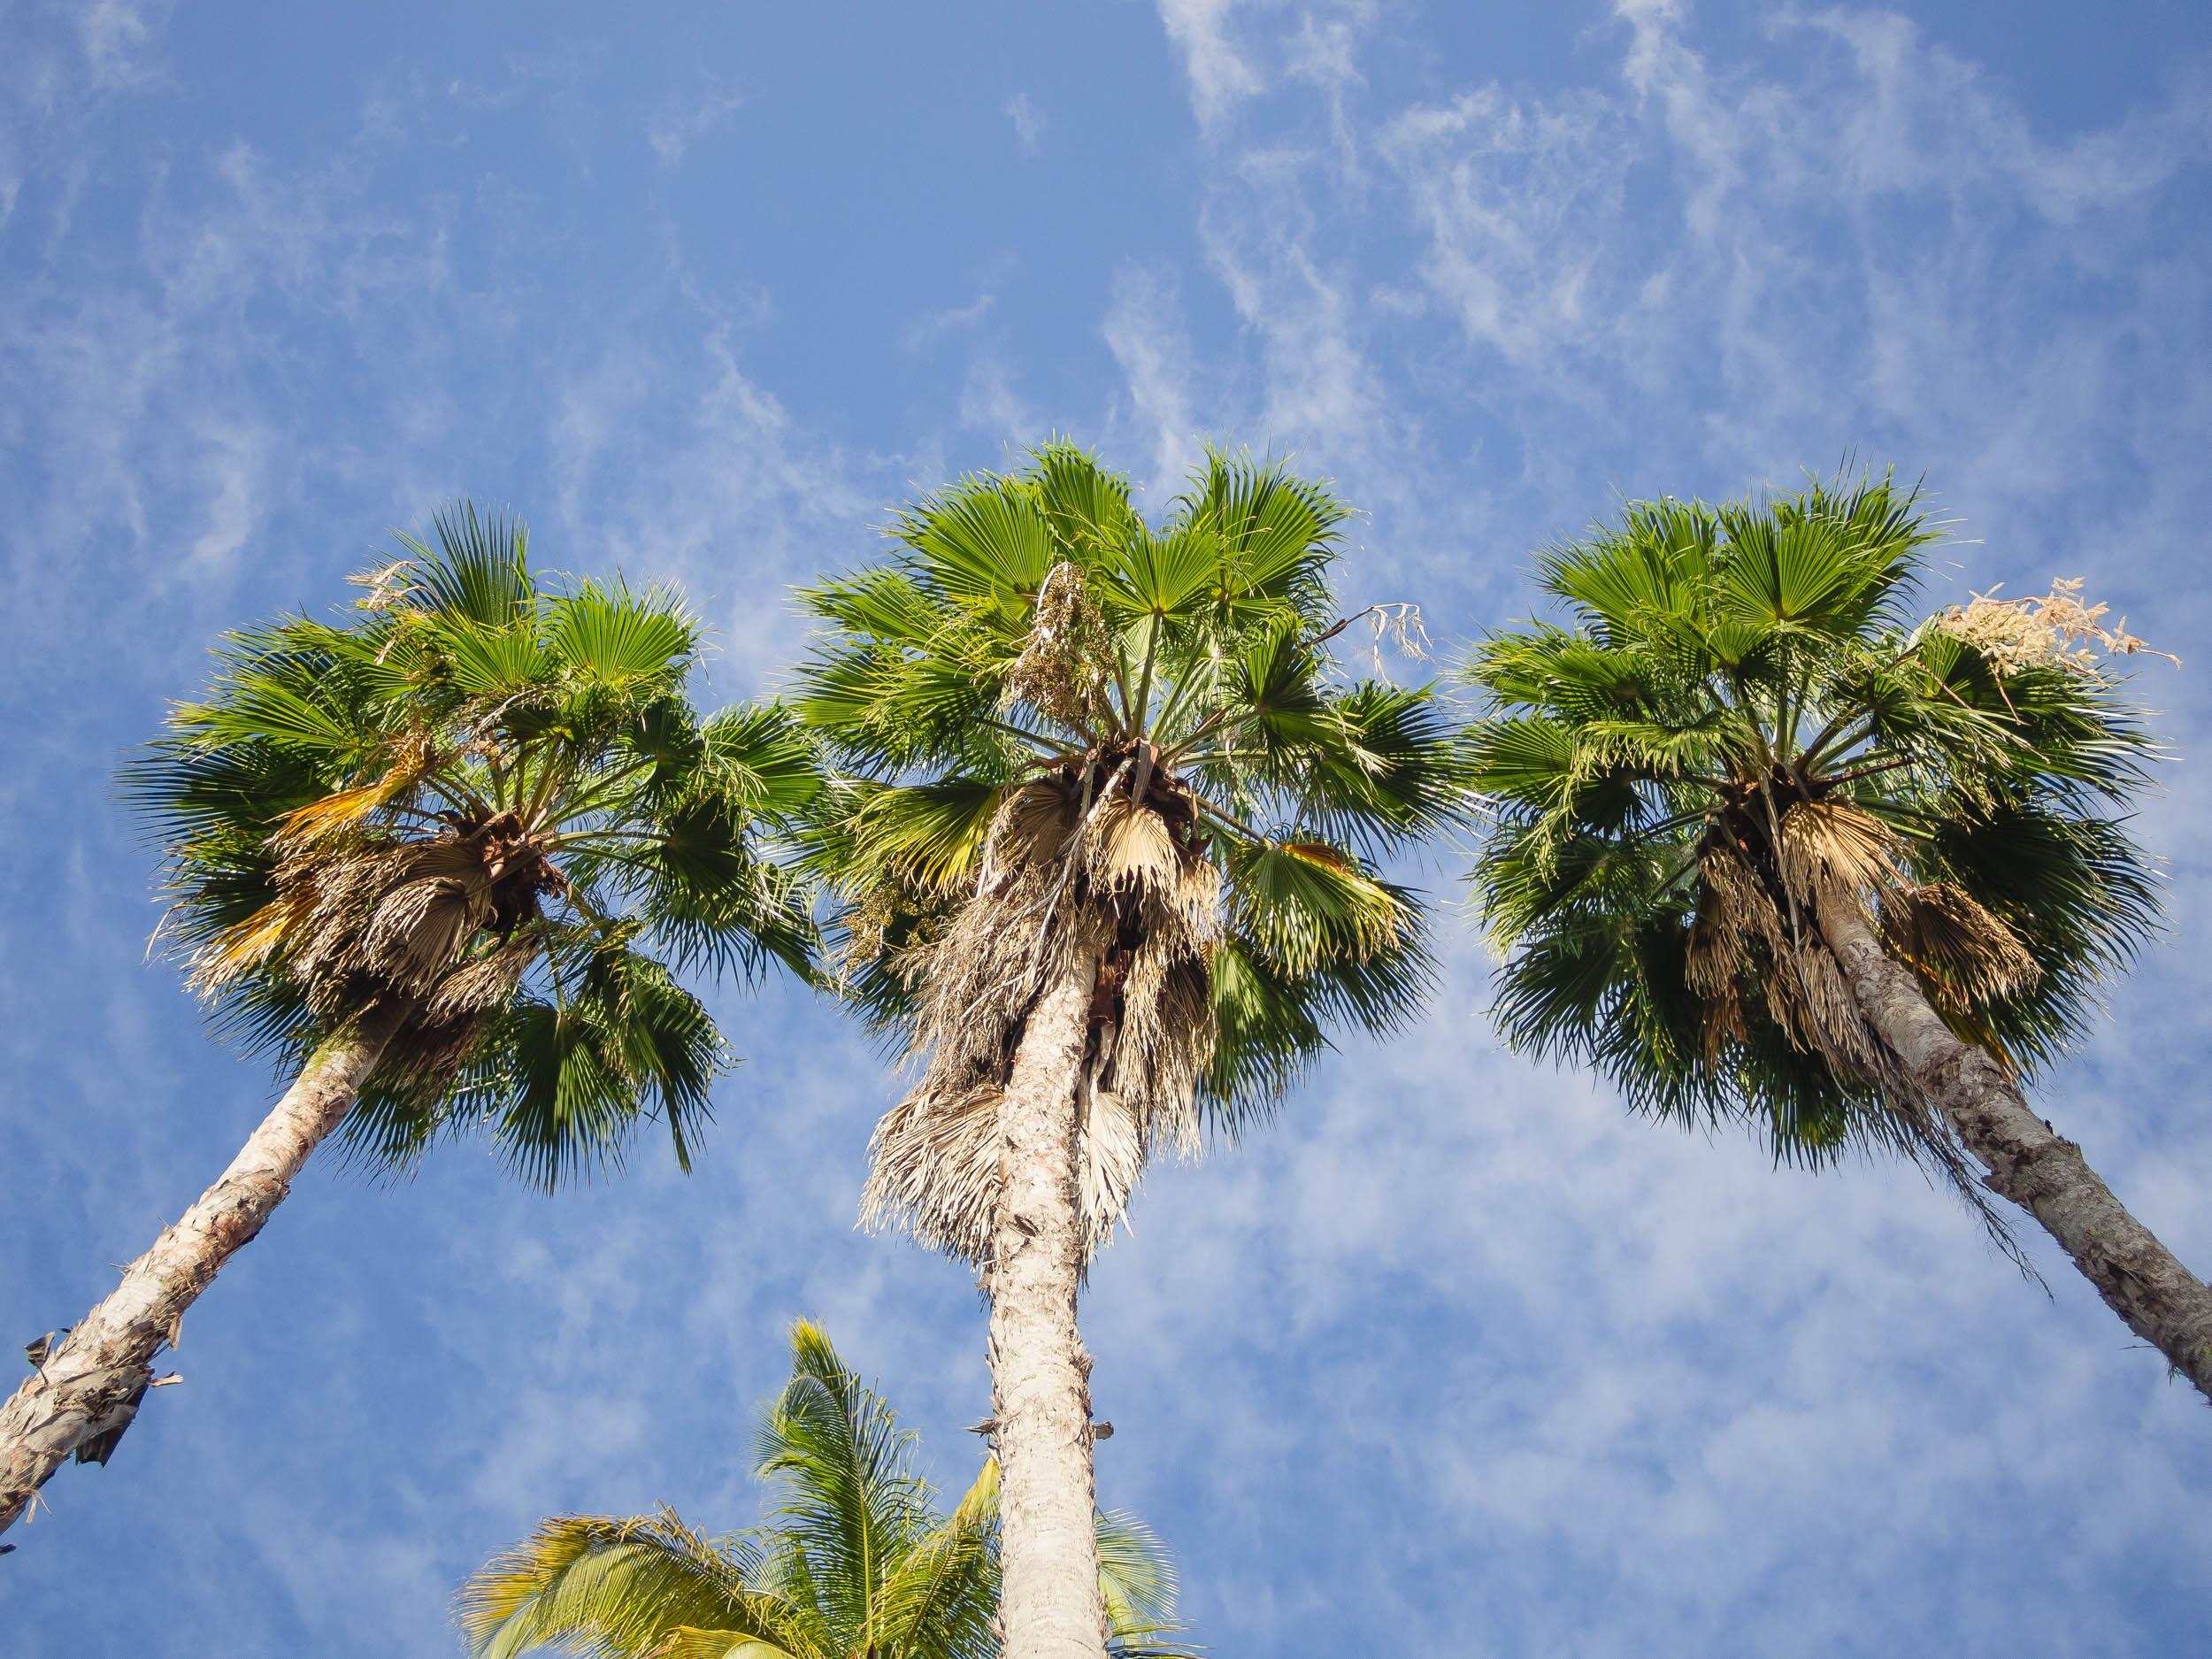 пальмовые деревья картинки интерьер, ванная, свечи